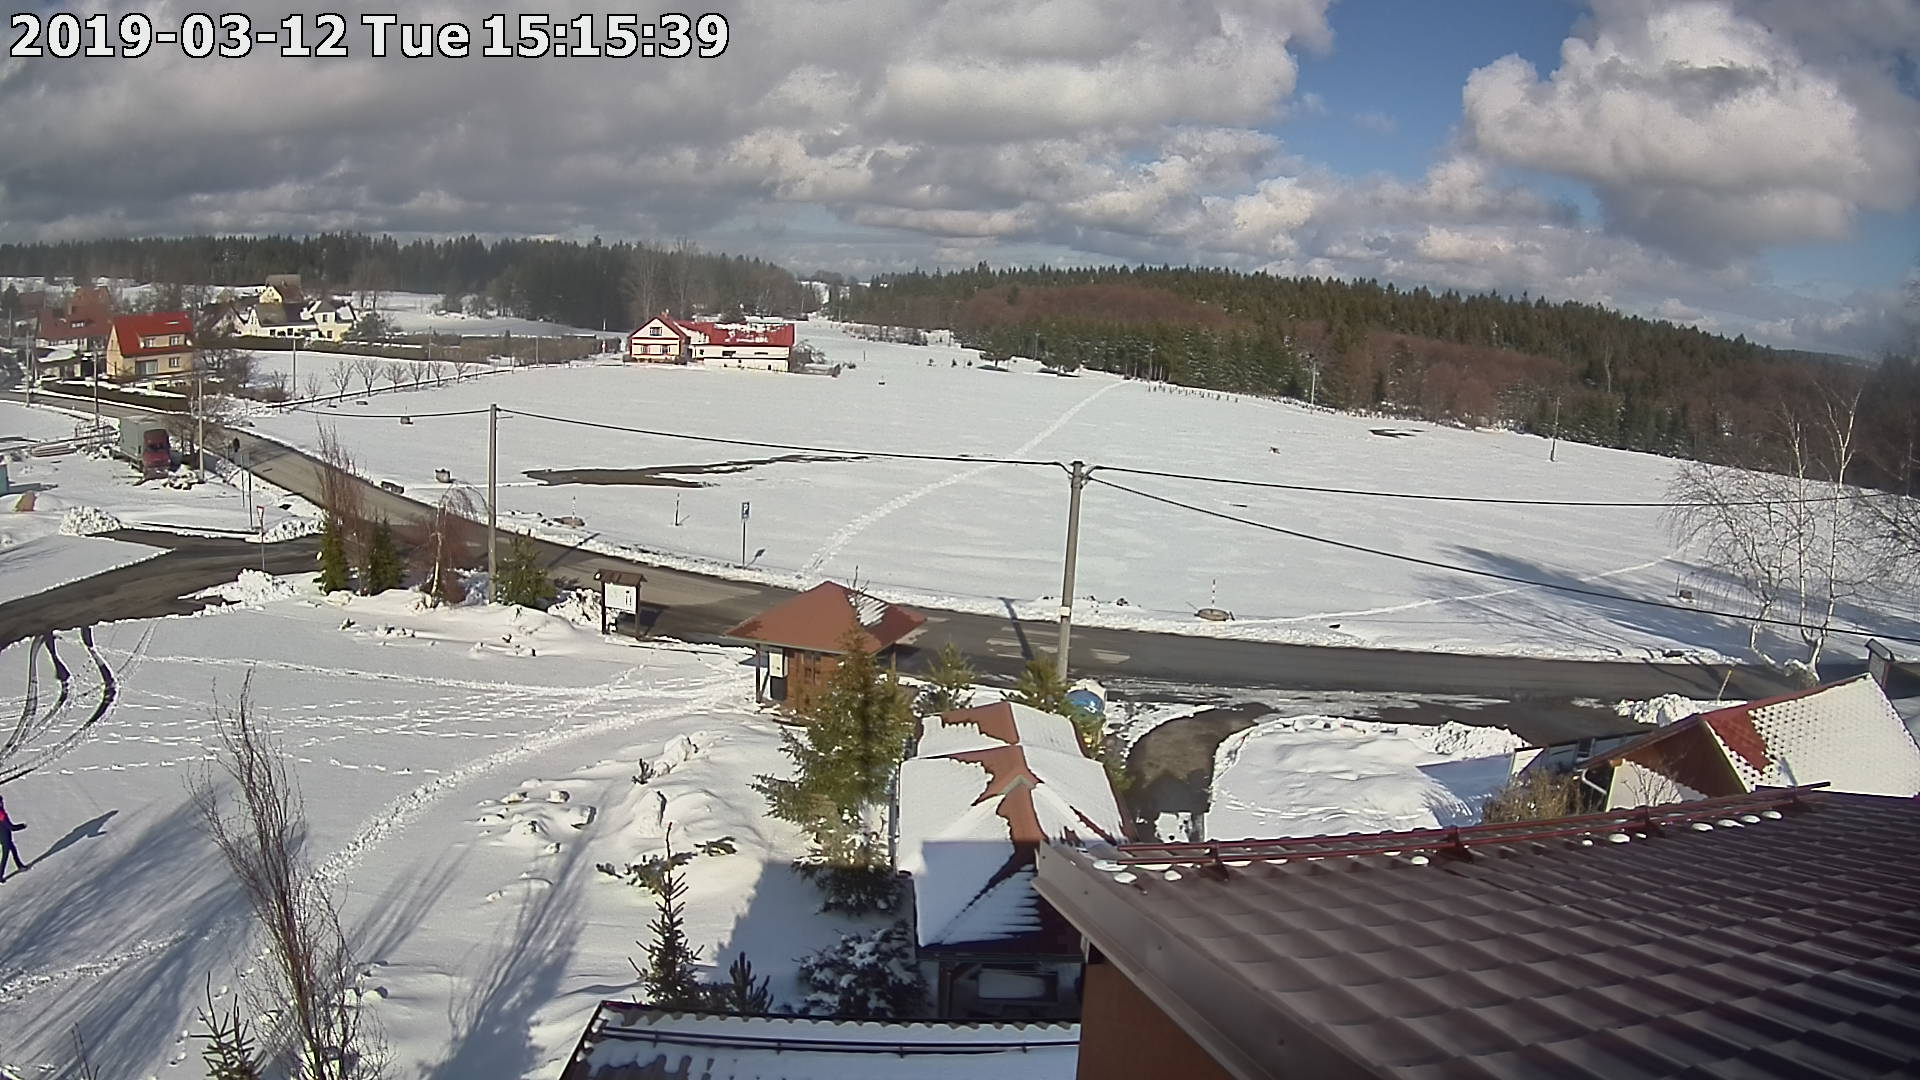 Webkamera ze dne 2019-03-12